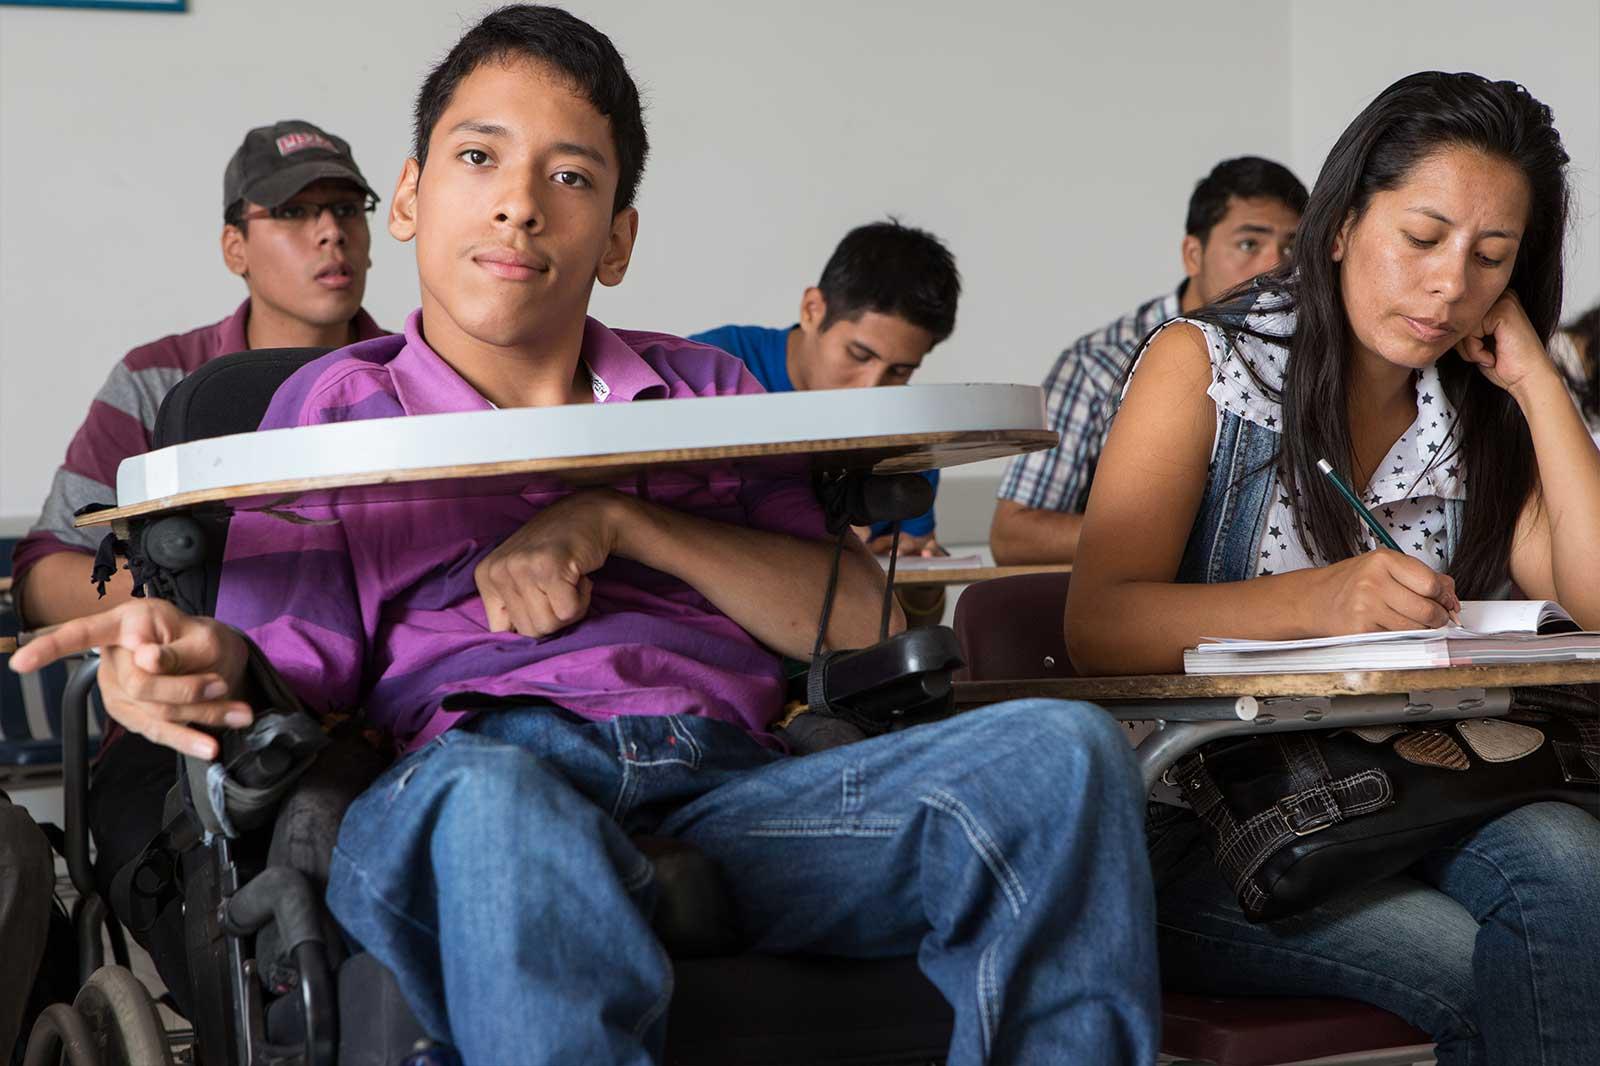 La inserción laboral culmina el proceso de la organización. Javier Soto tiene 21 años. Sufre parálisis cerebral desde que nació, pero eso no le ha impedido llegar a la universidad, donde hoy estudia Administración de Negocios Internacionales.